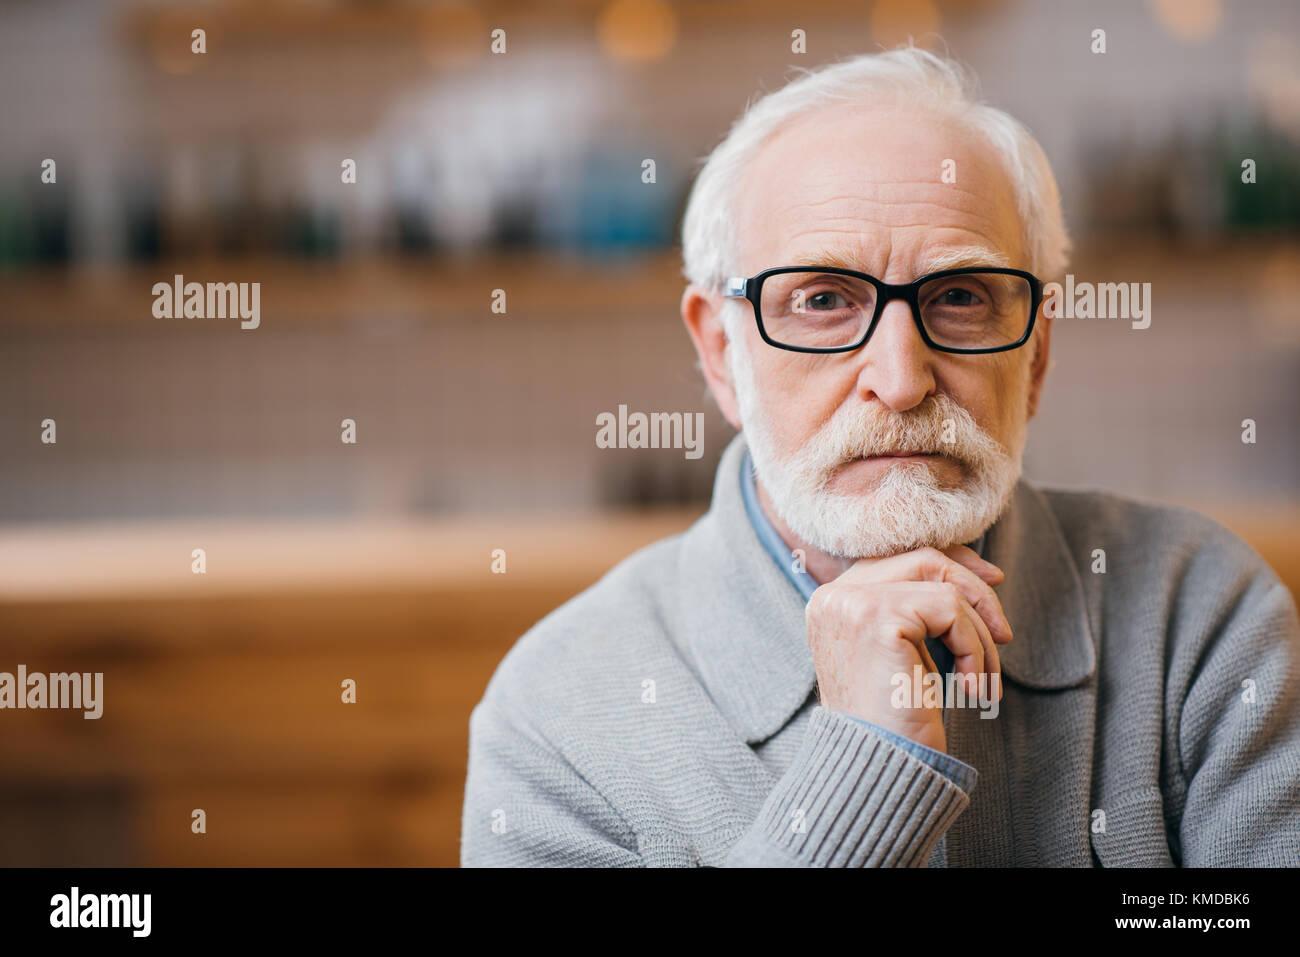 thoughtful senior man - Stock Image